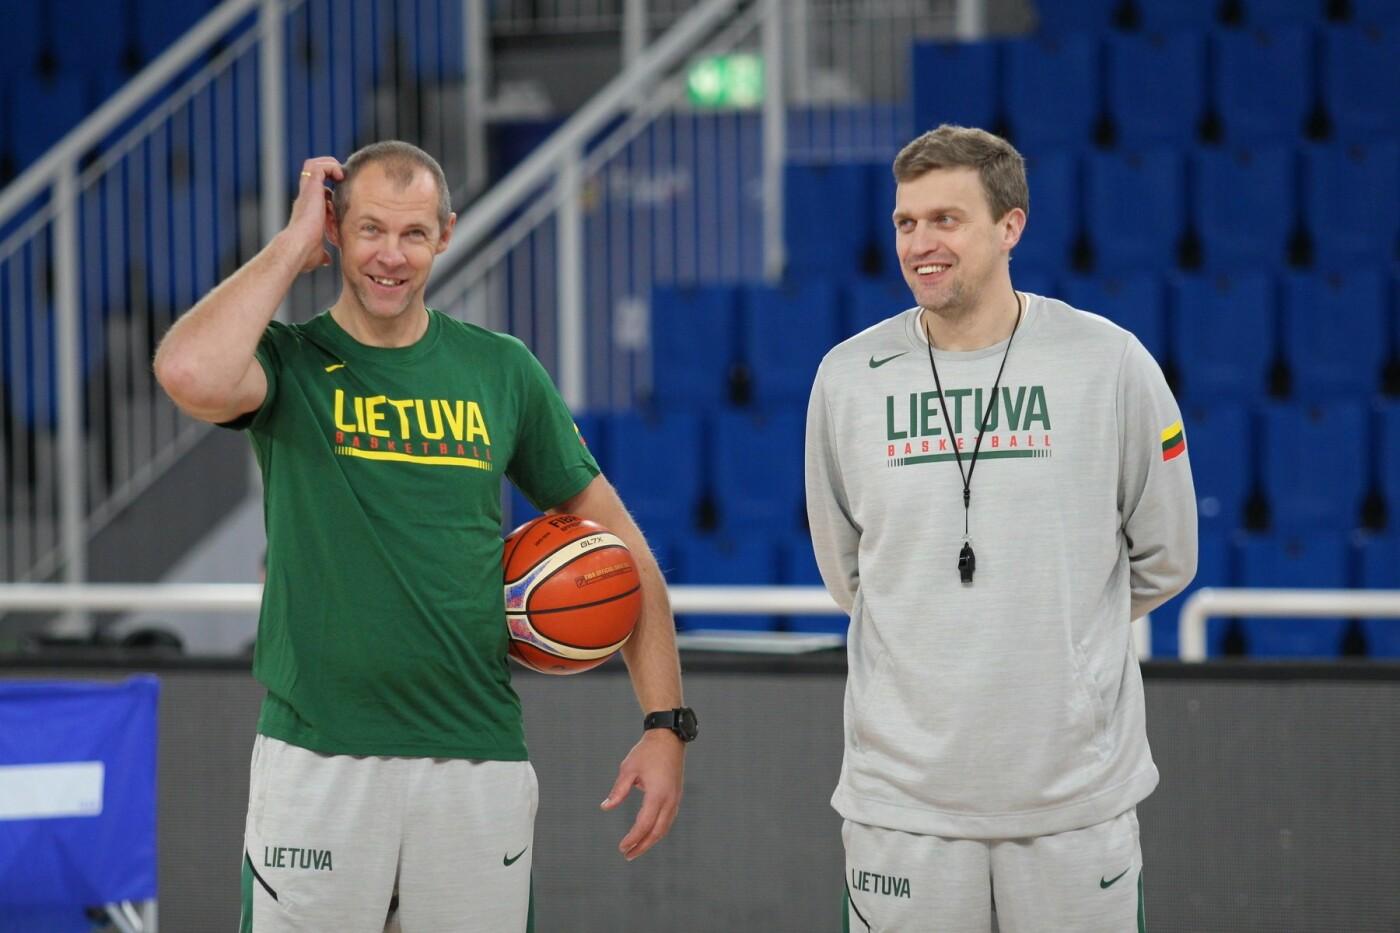 Lietuvos vyrų krepšinio rinktinė surengė vienintelę treniruotę Italijoje, nuotrauka-27